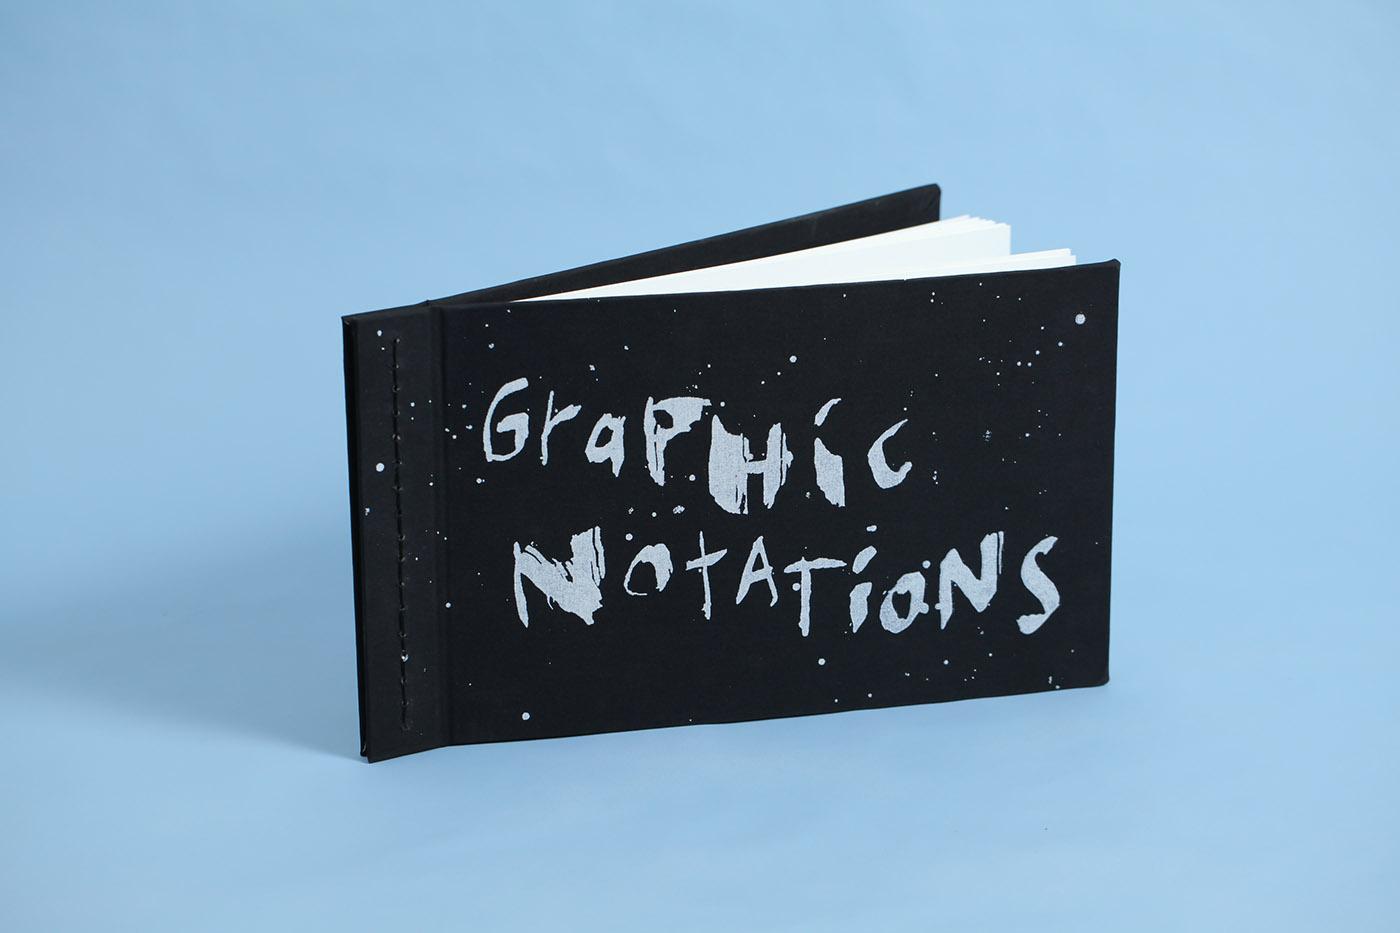 有創意感的24個英文字排版設計欣賞